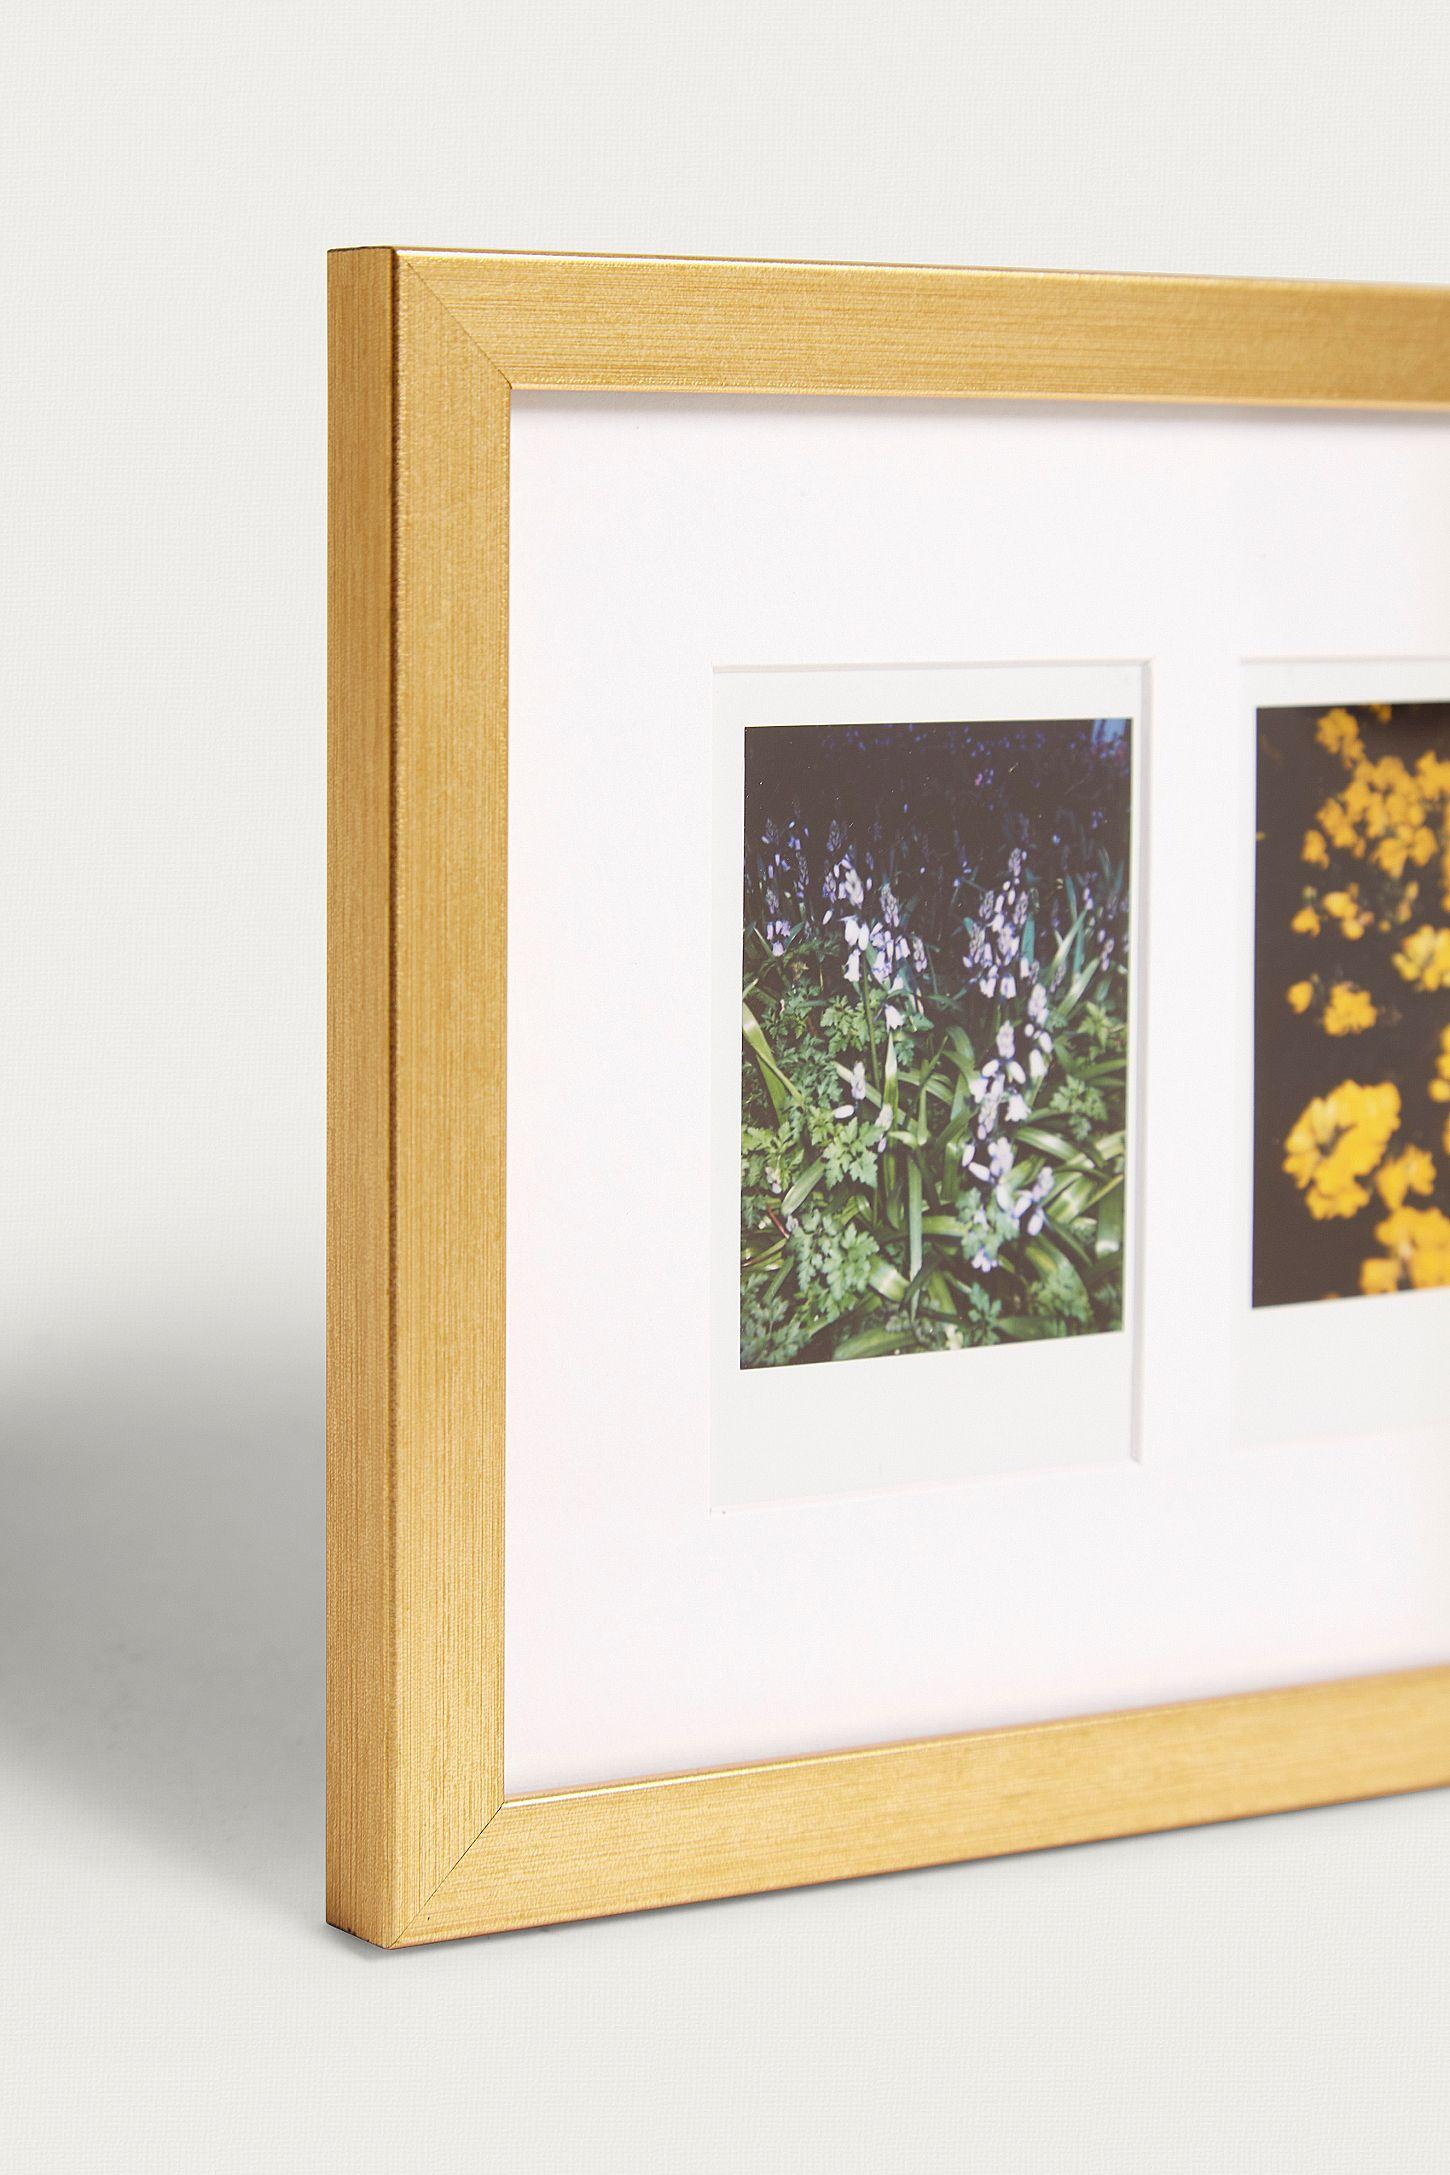 Wunderbar Framing Shop In Der Nähe Von Mir Ideen - Rahmen Ideen ...